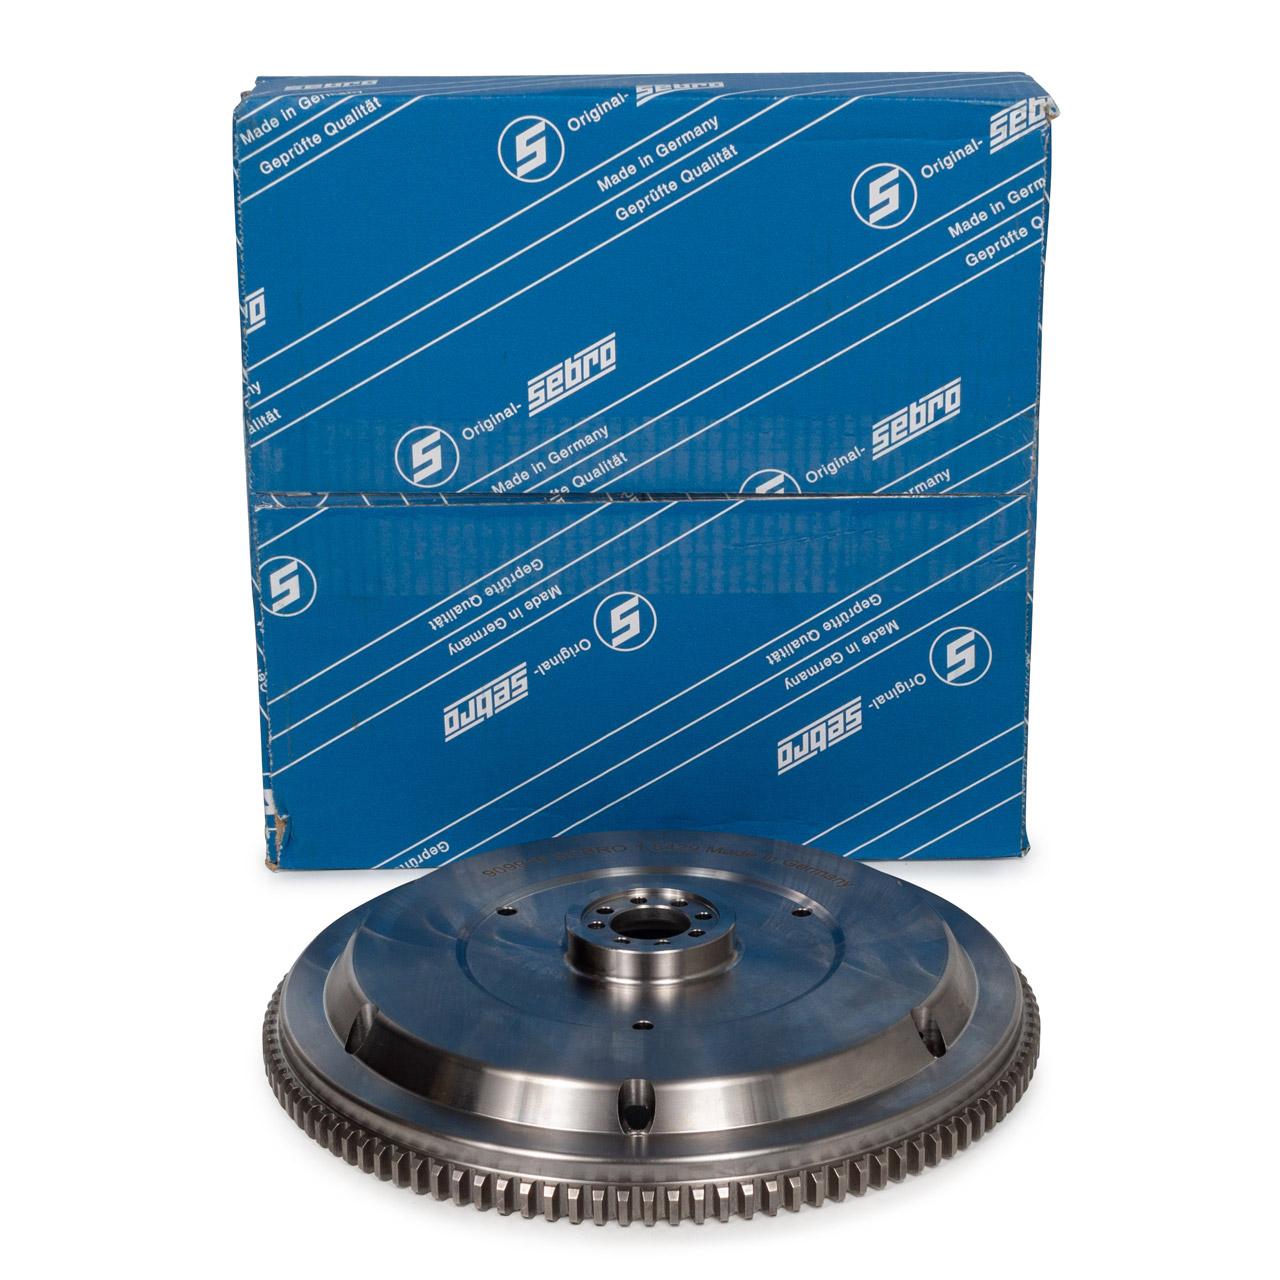 SEBRO Schwungrad PORSCHE 356 B 1600 Super 90 PS 61610220102